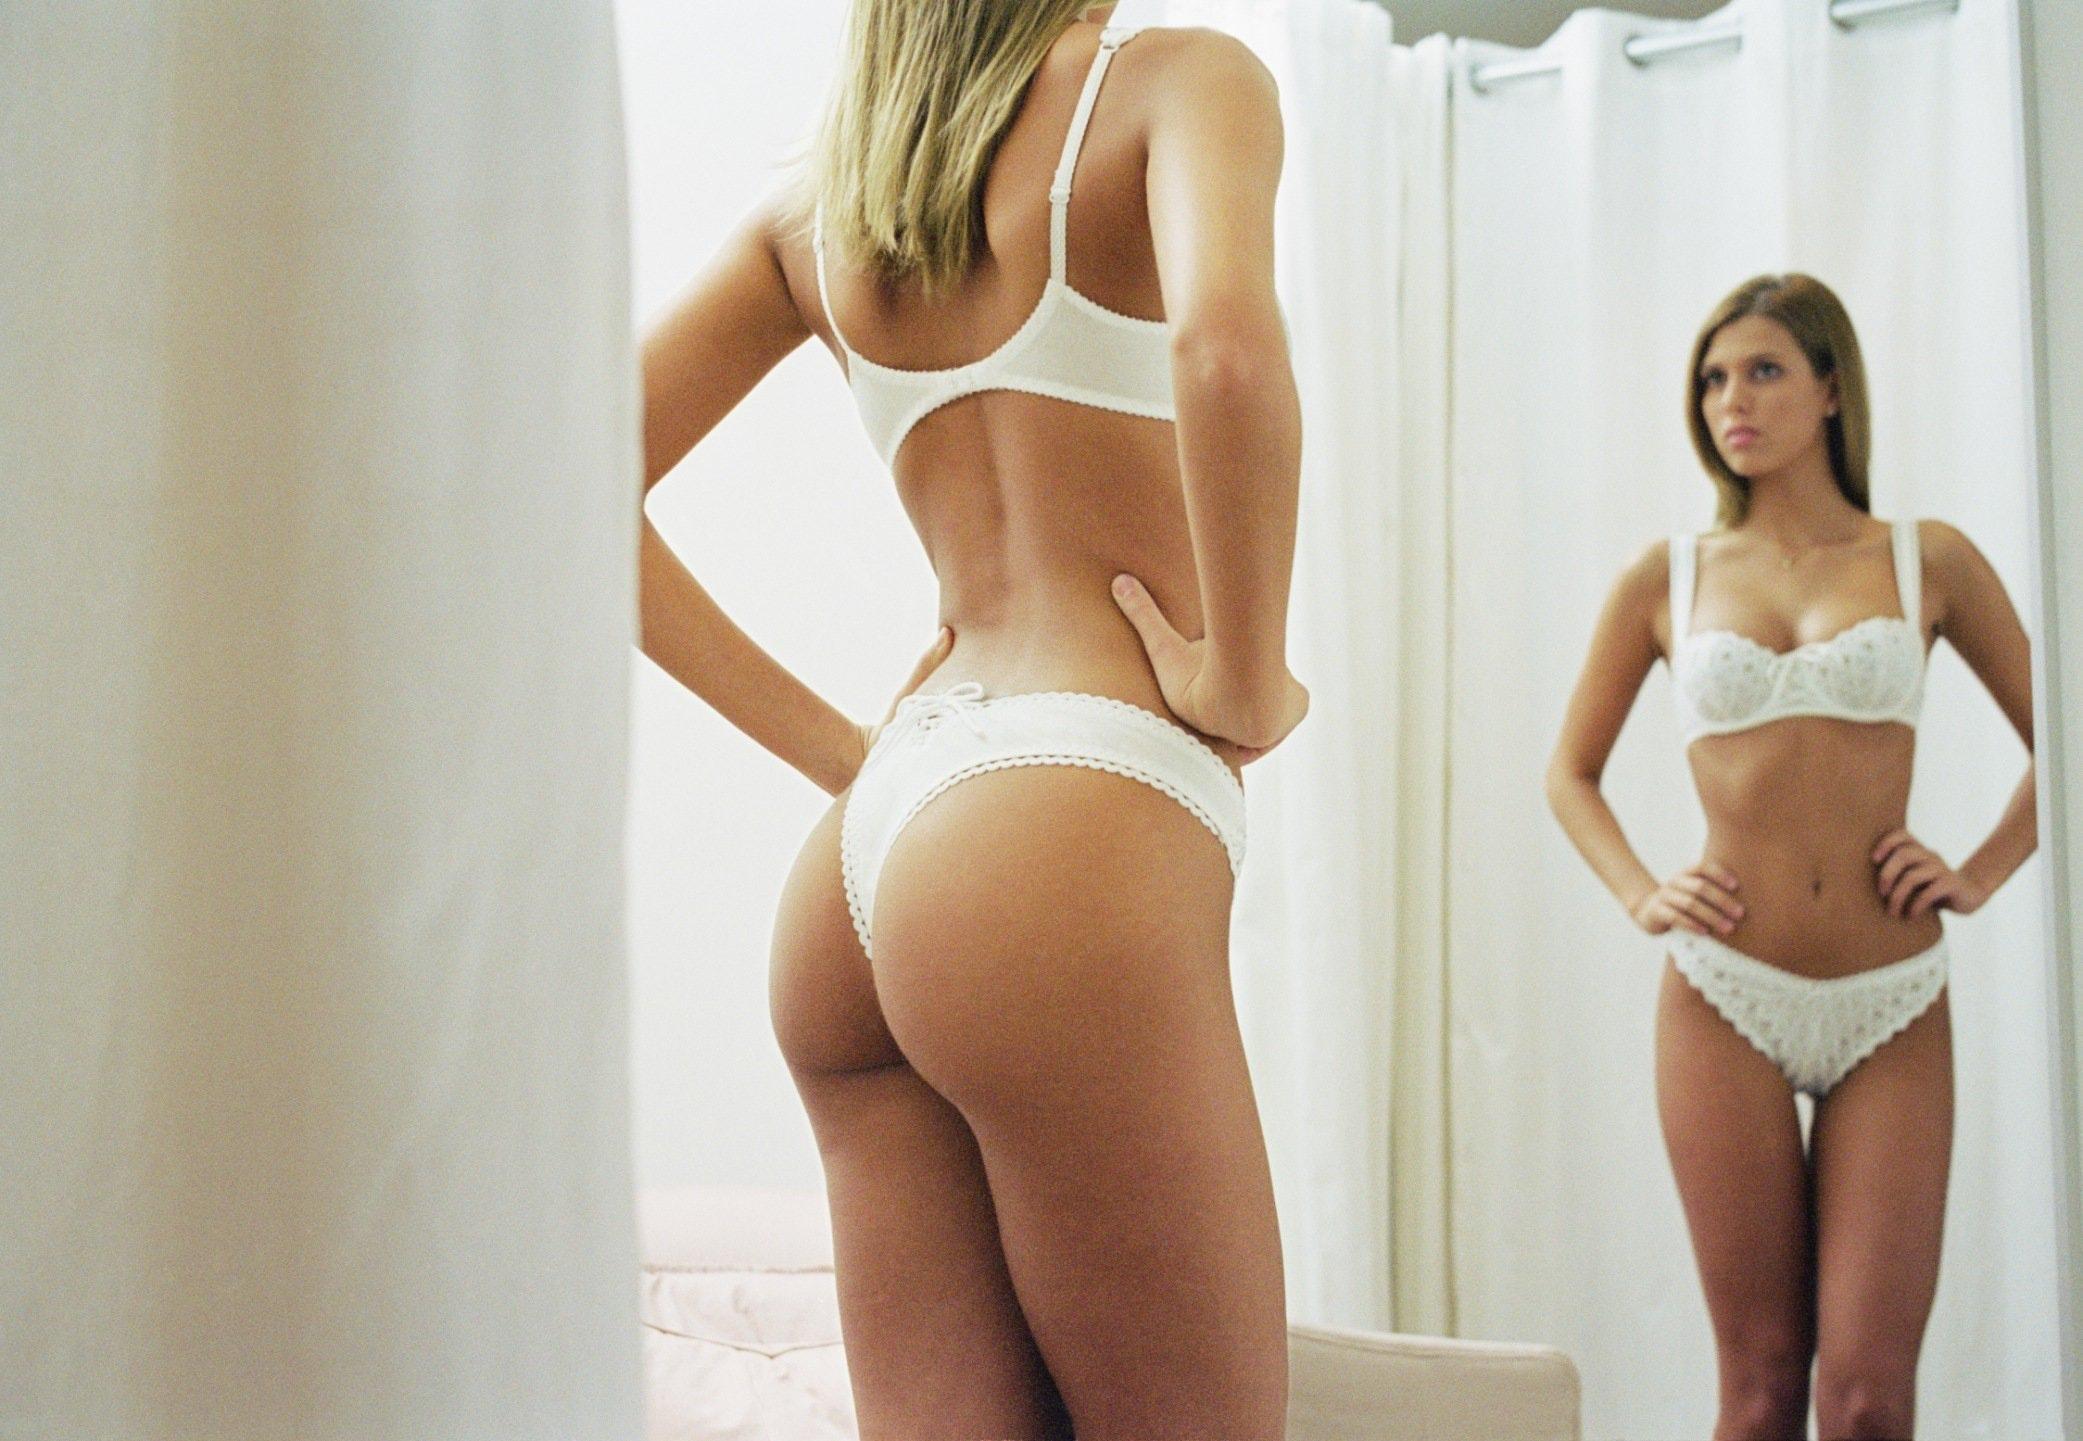 de 20 hotteste kvinder med store bryster film